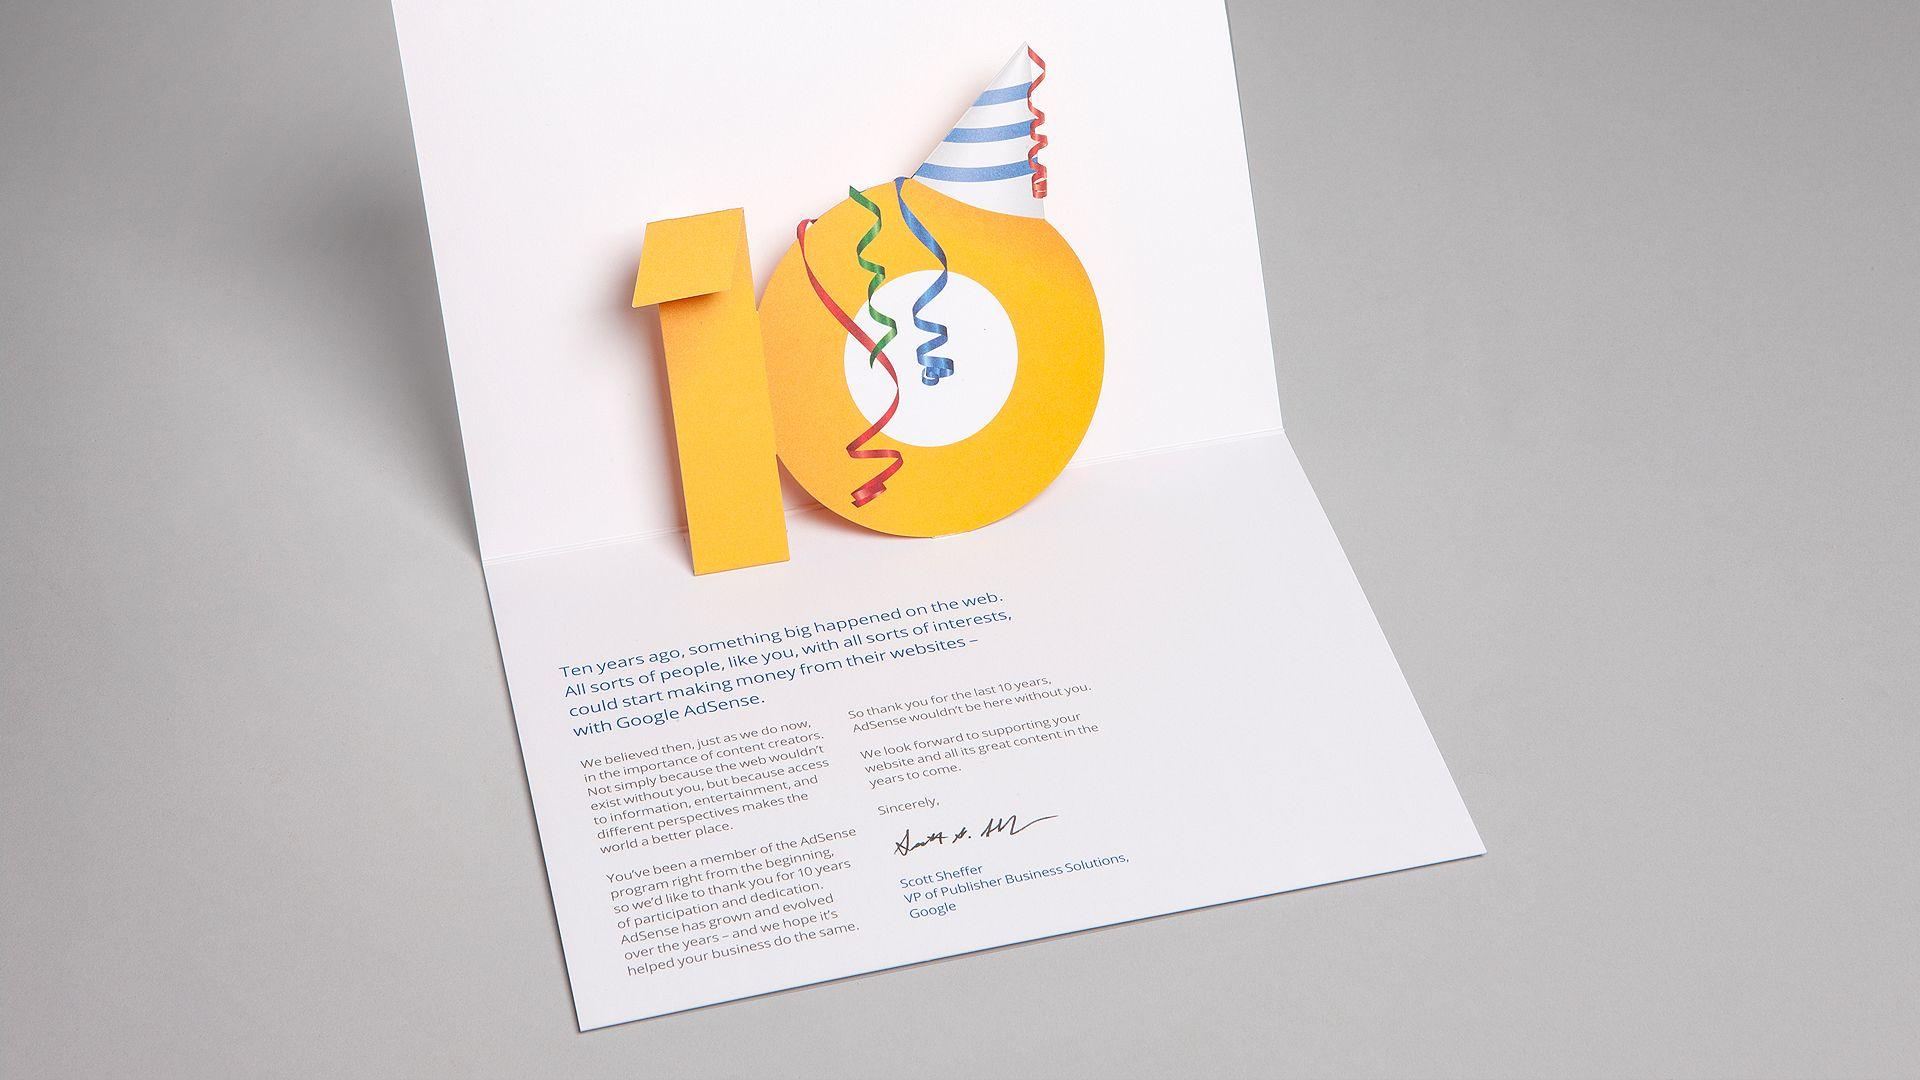 Google AdSense 10th anniversary campaign 10 anniversary